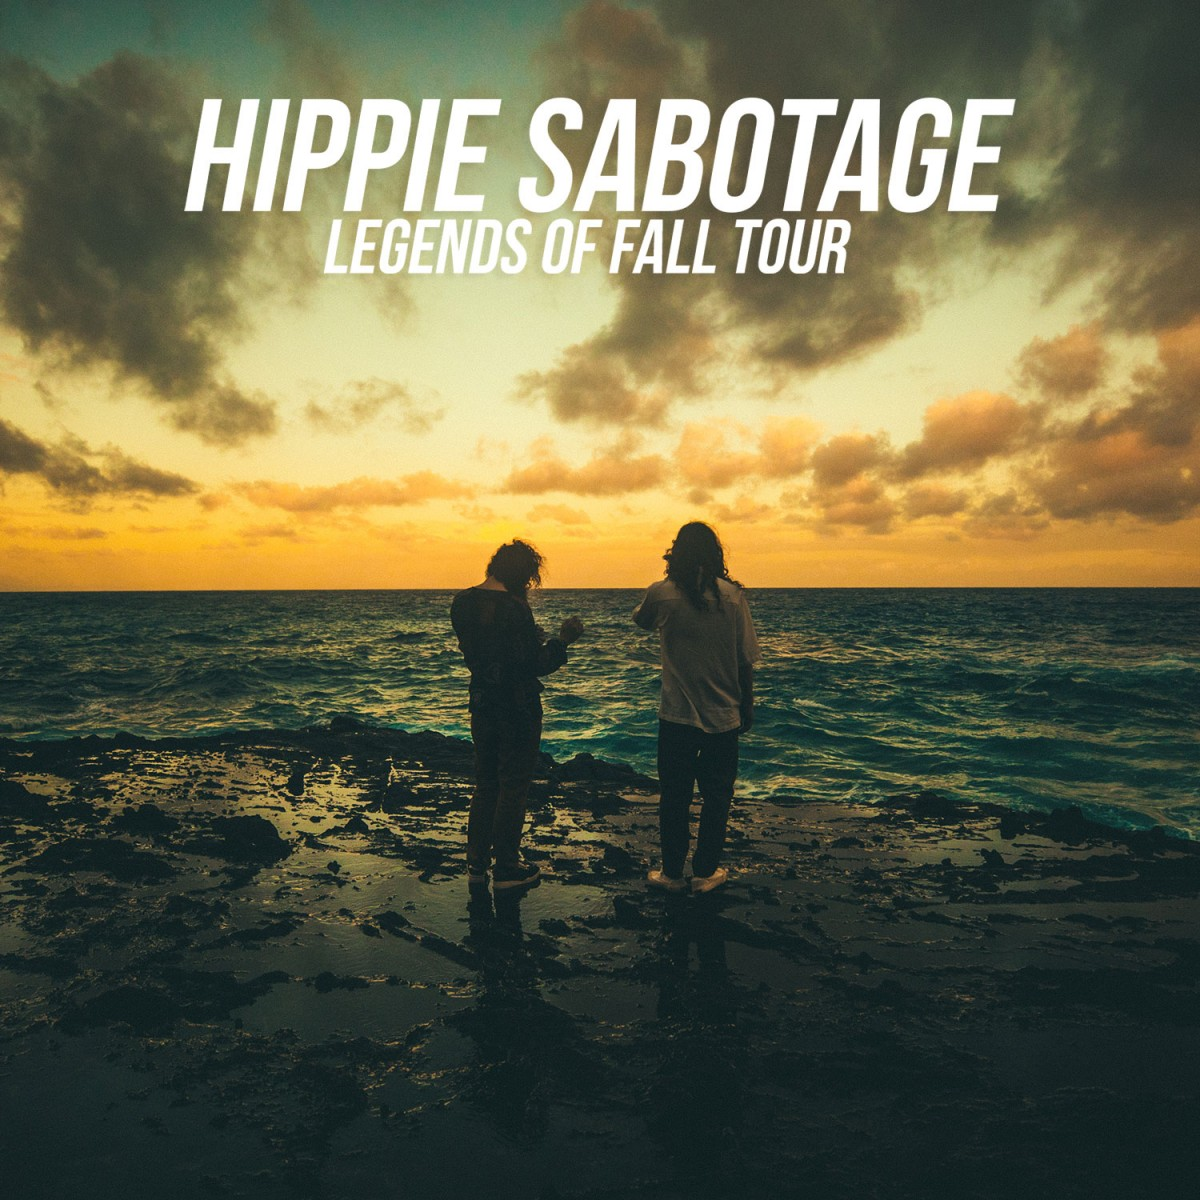 Flyer for Hippie Sabotage